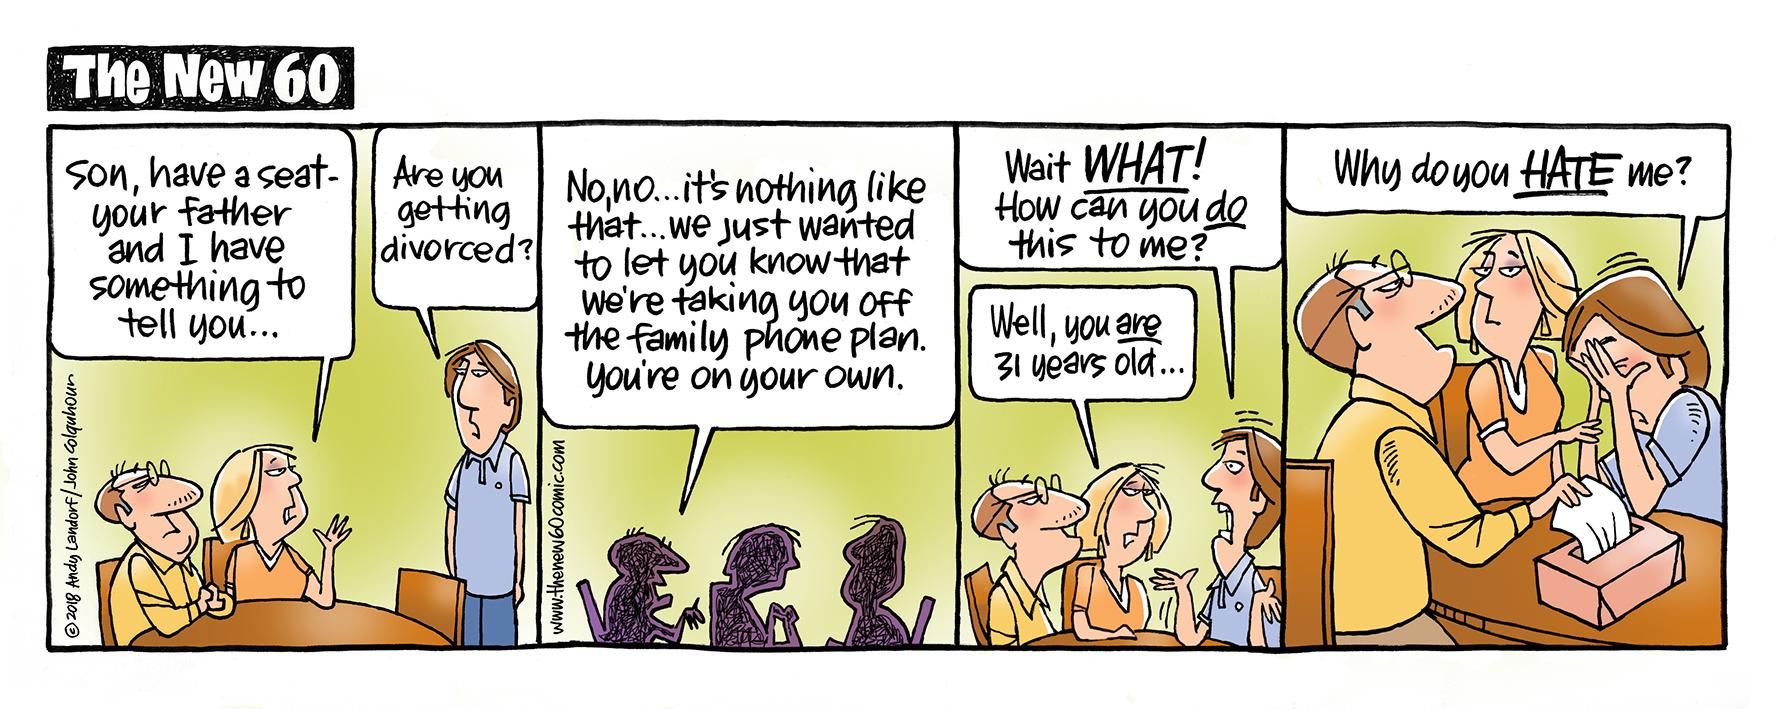 family plan2.jpg